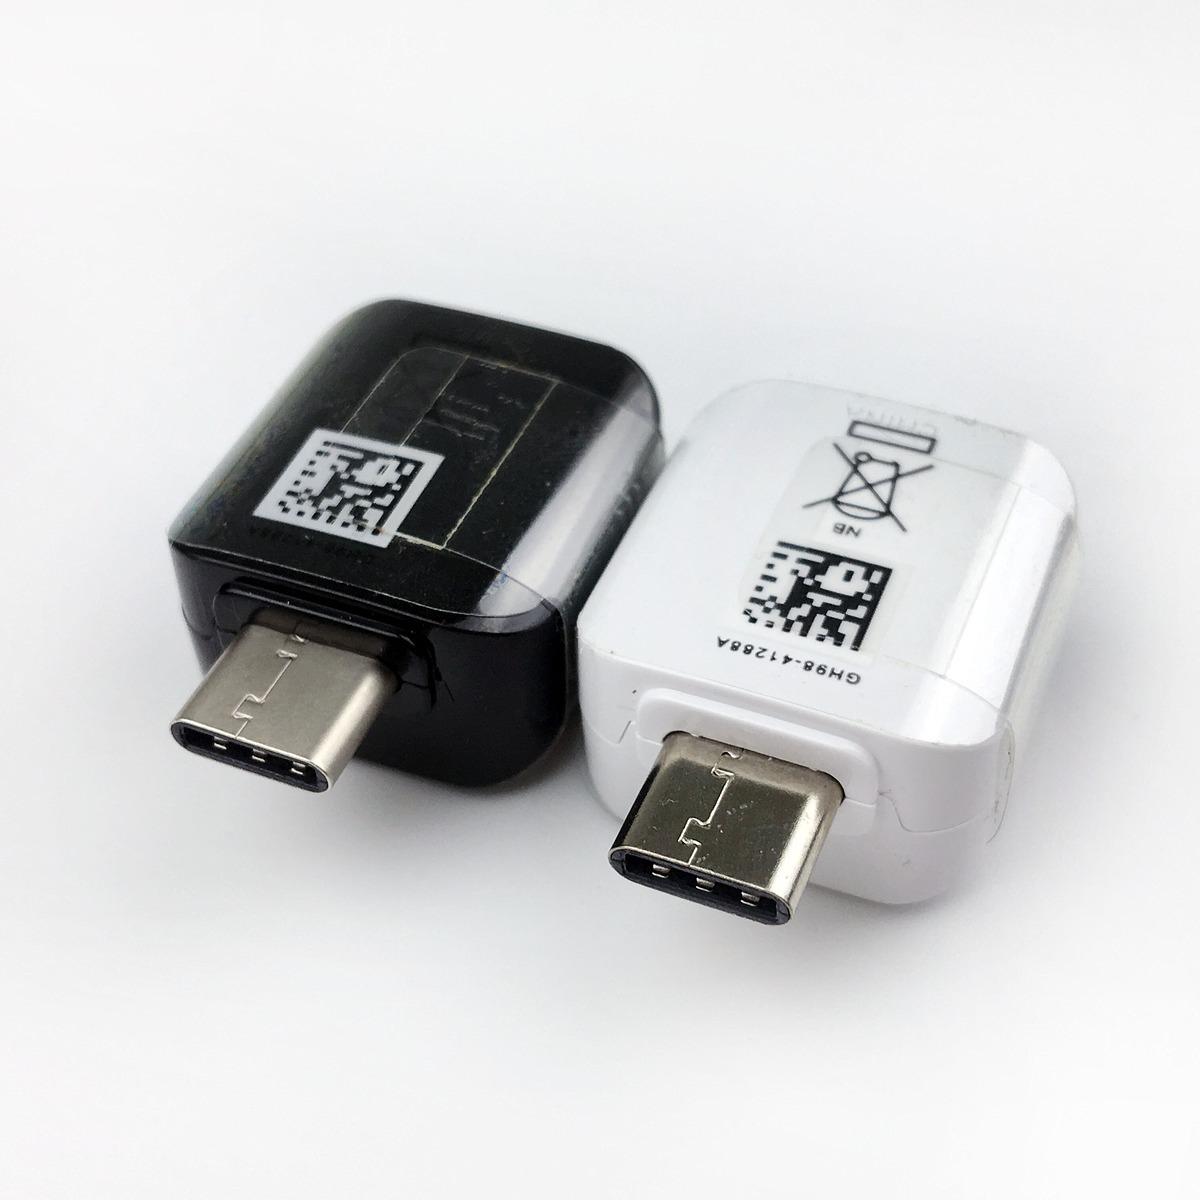 HCM - Cần mua USB OTG zin bóc máy Samsung Galaxy S10+ - 1